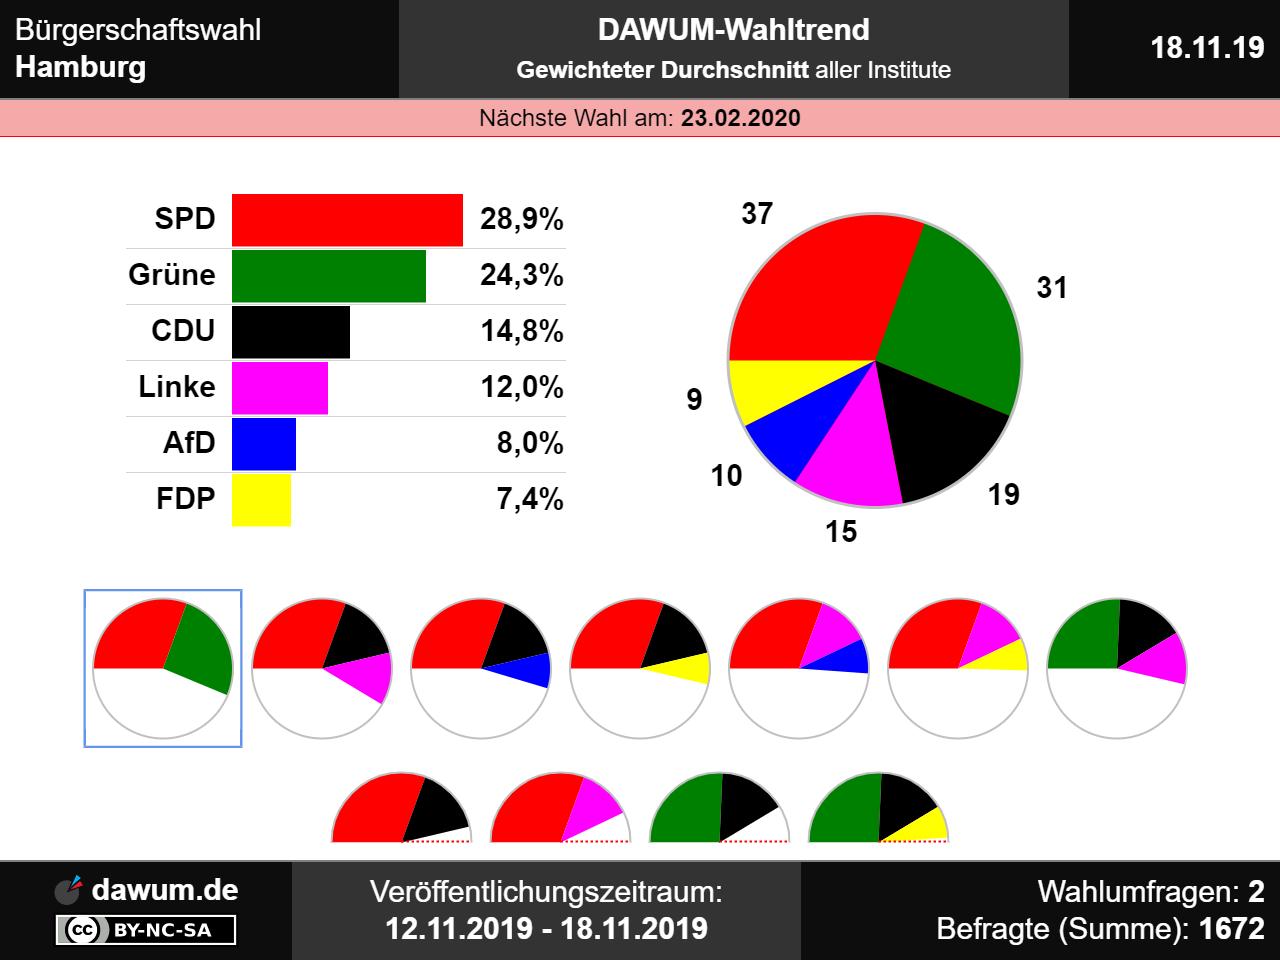 wahlergebnisse hamburg 2019 💌 bezirkswahl 2019 wie june 2019 bezirkswahl hamburg 2019 #13